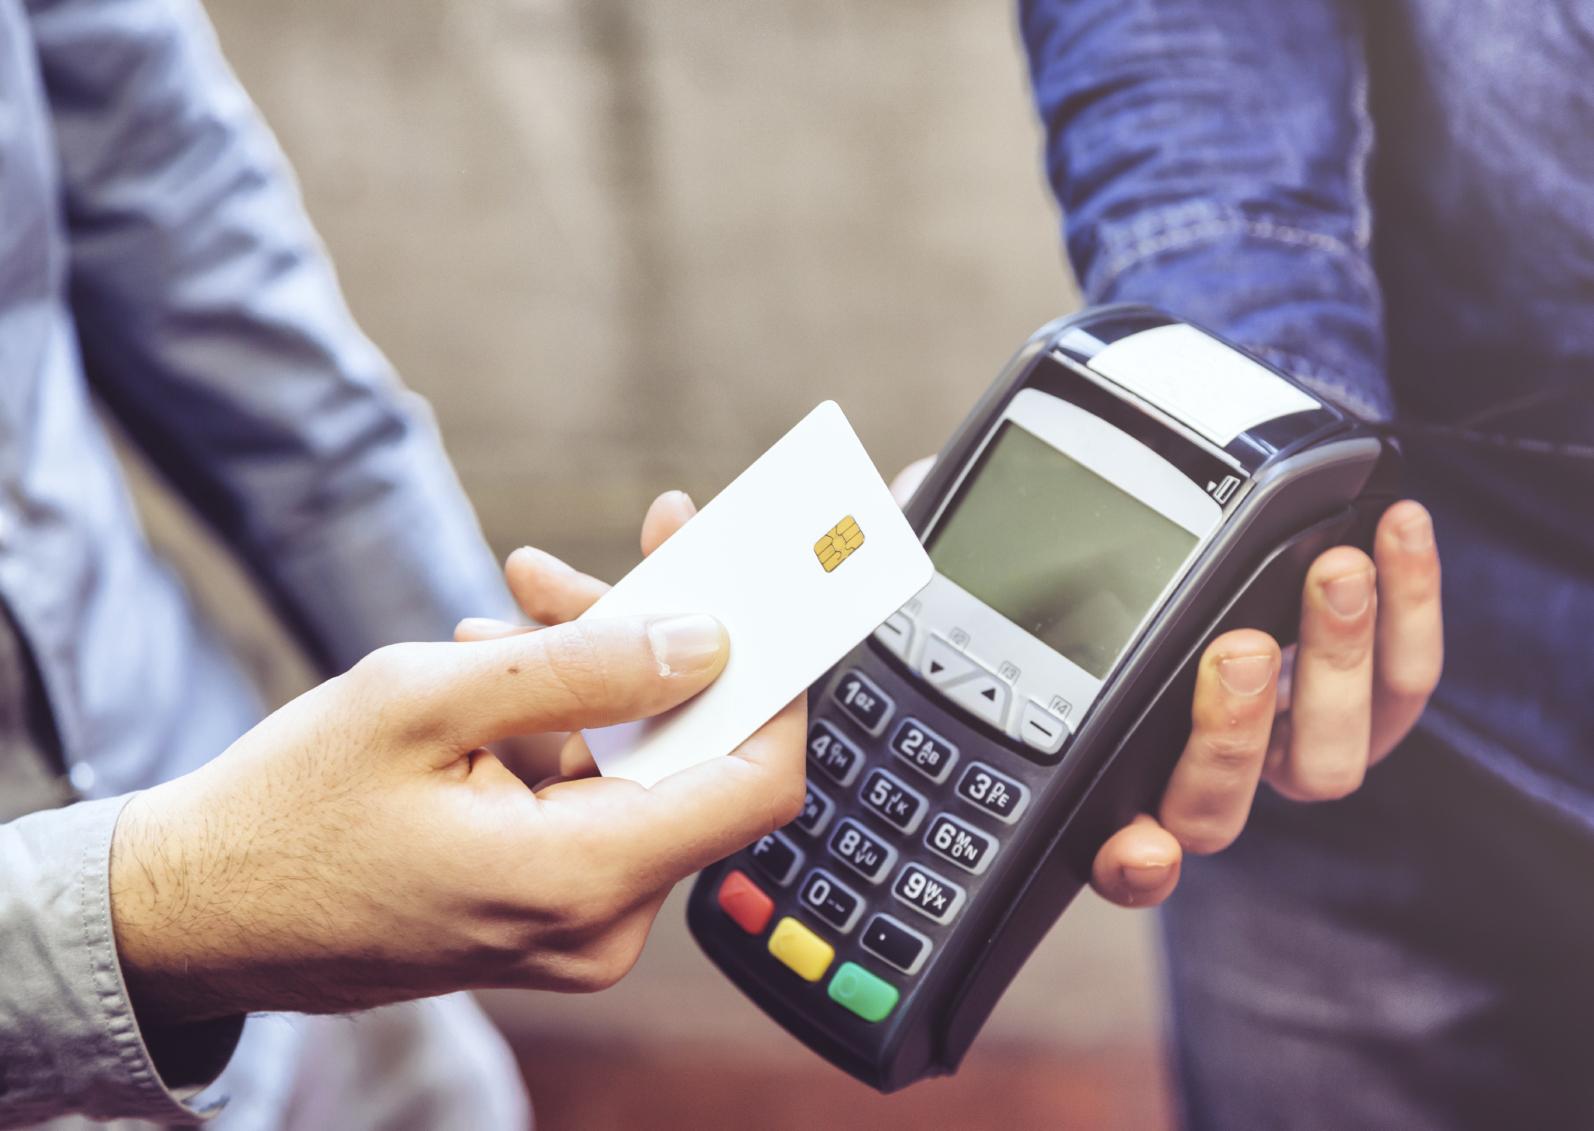 Estudo aponta queda de 30% nas vendas por cartão de crédito e débito em janeiro